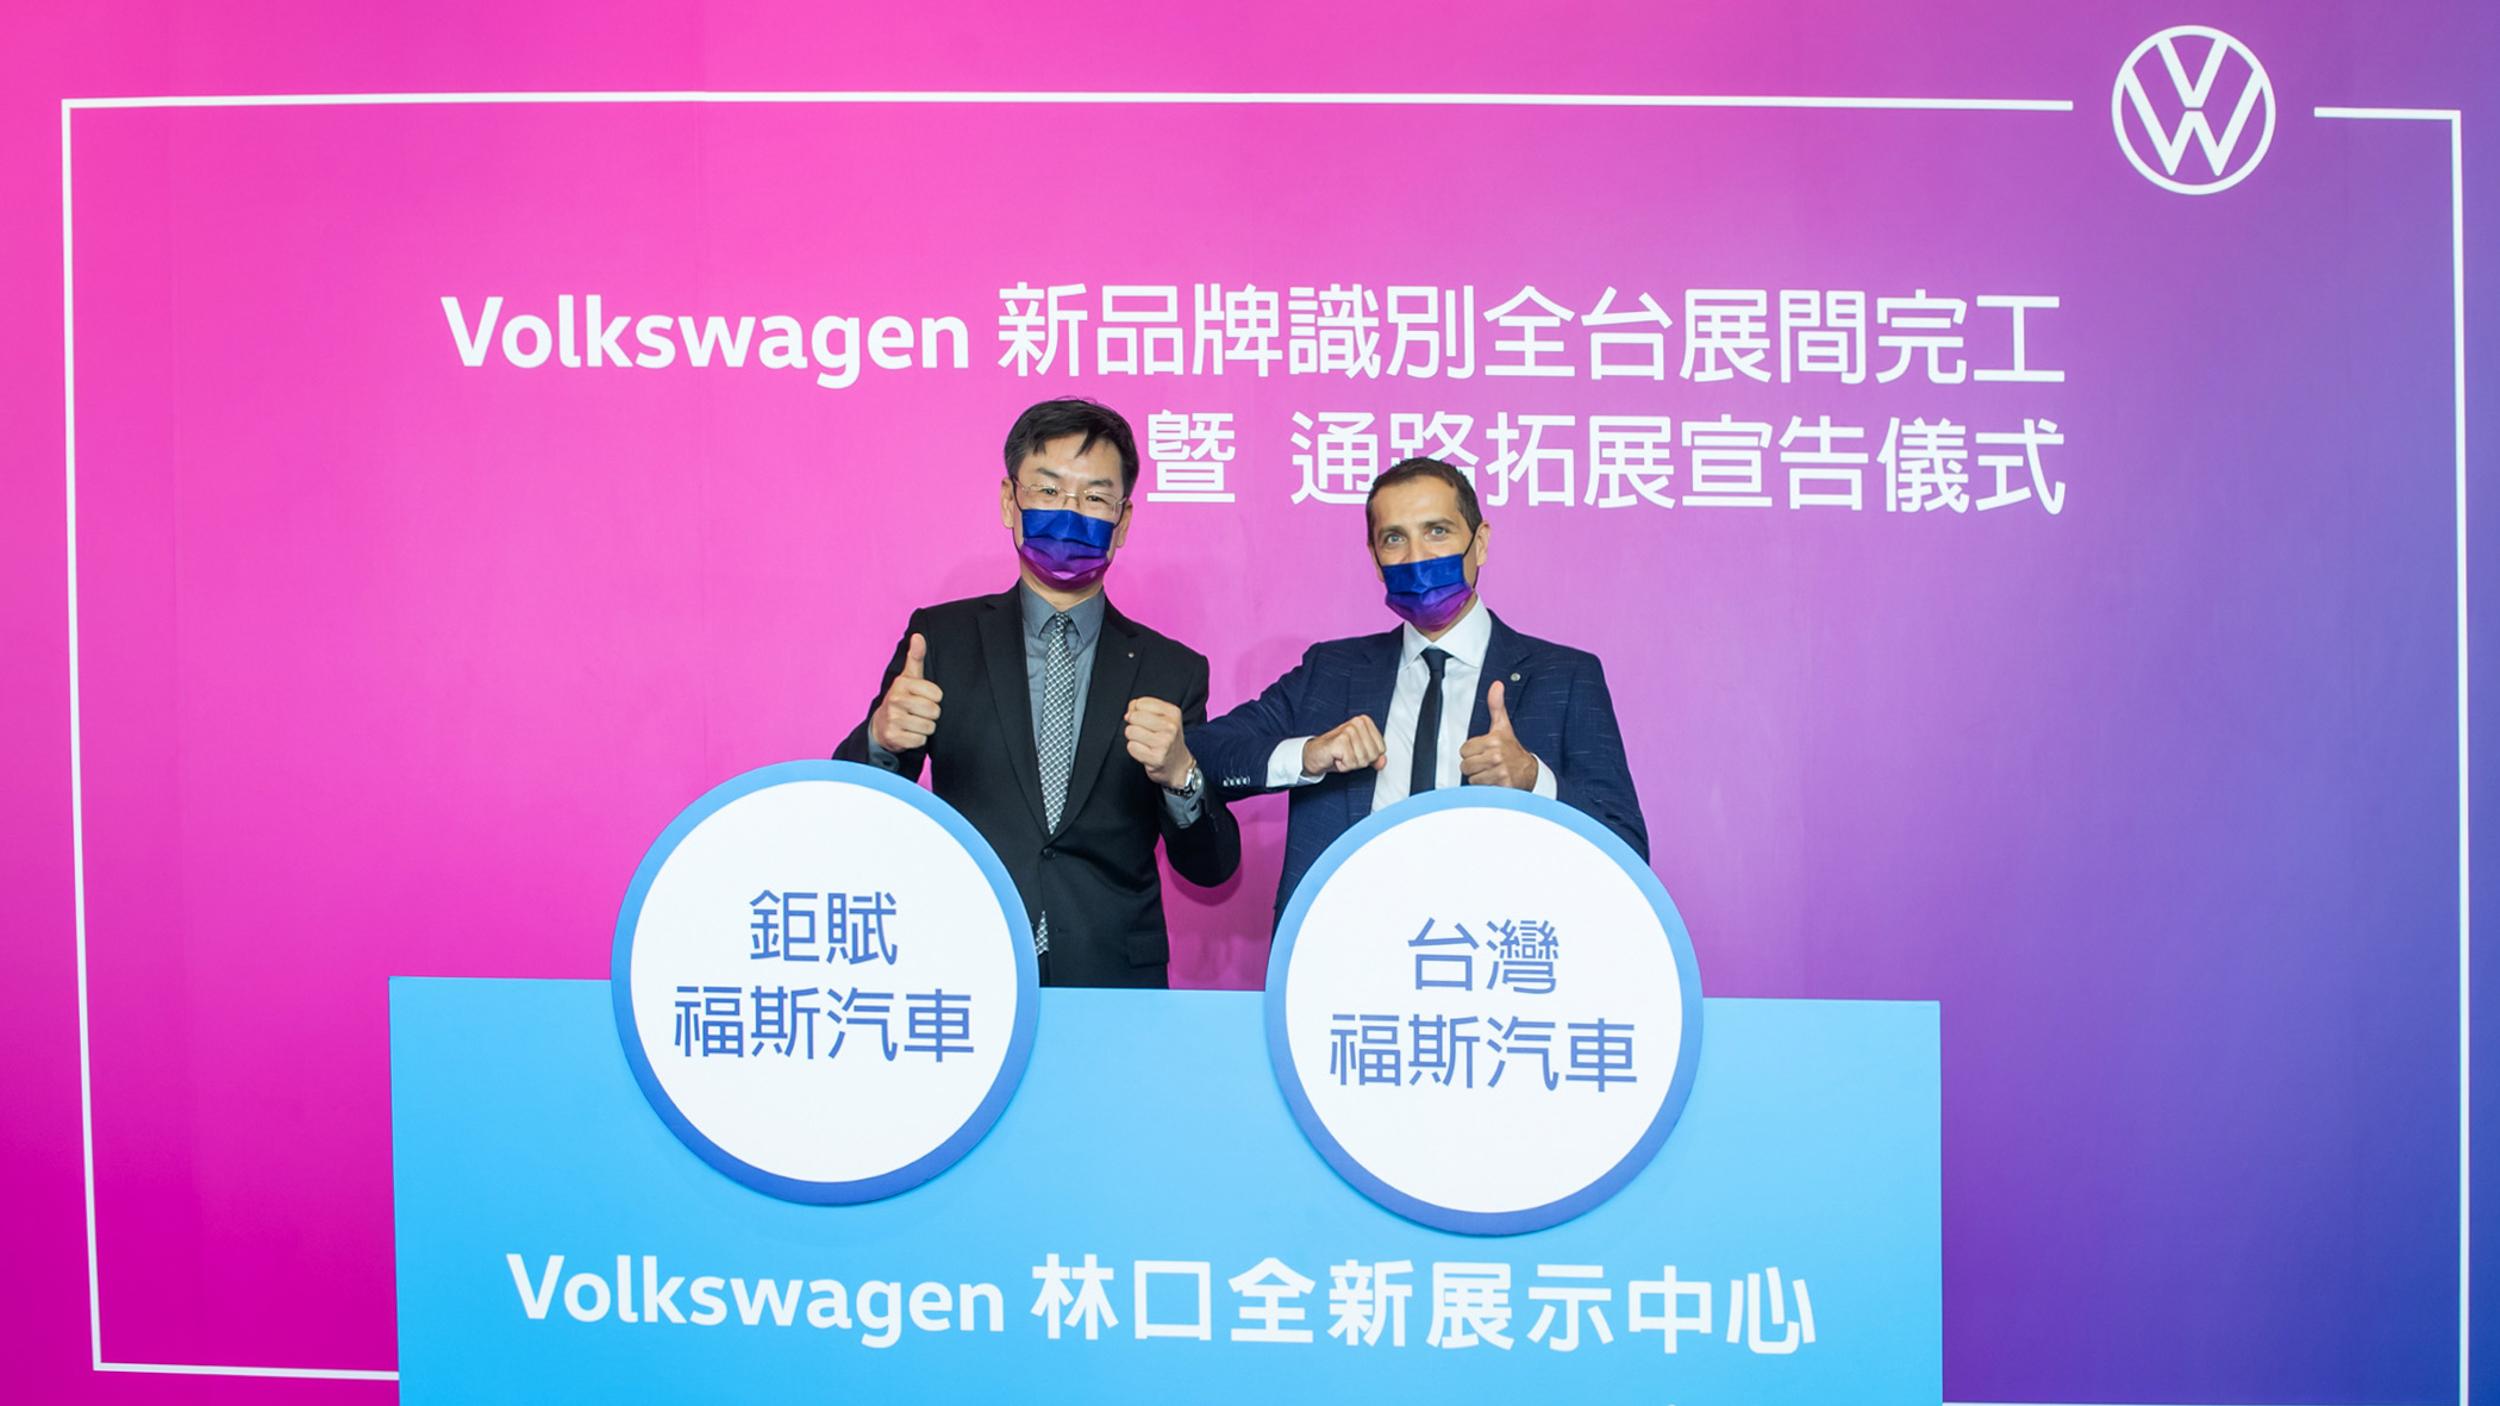 ▲ Volkswagen 新品牌識別全台啟用 林口展示中心本月揭幕